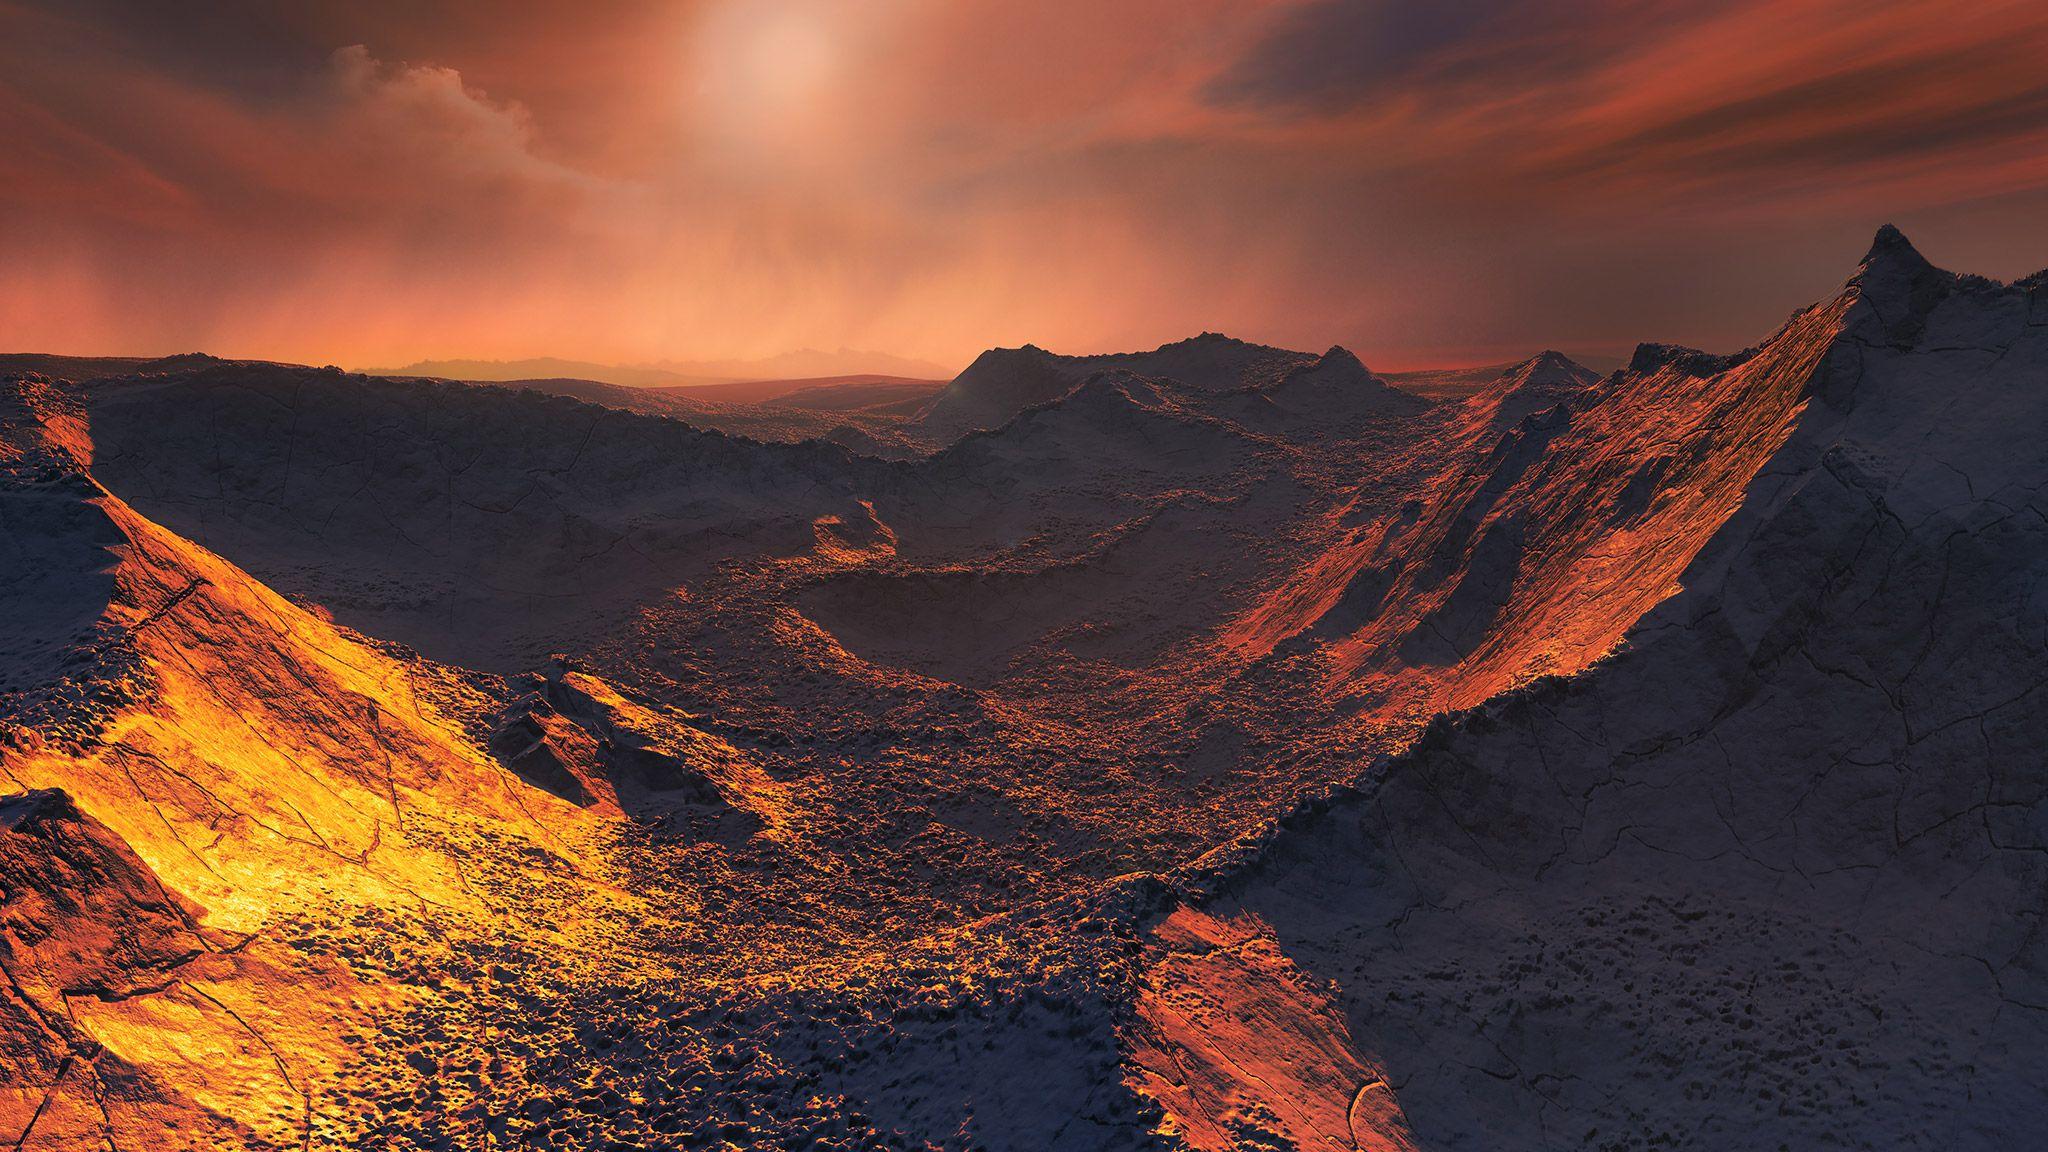 Découverte d'une exoplanète à seulement 6 années-lumière de la Terre